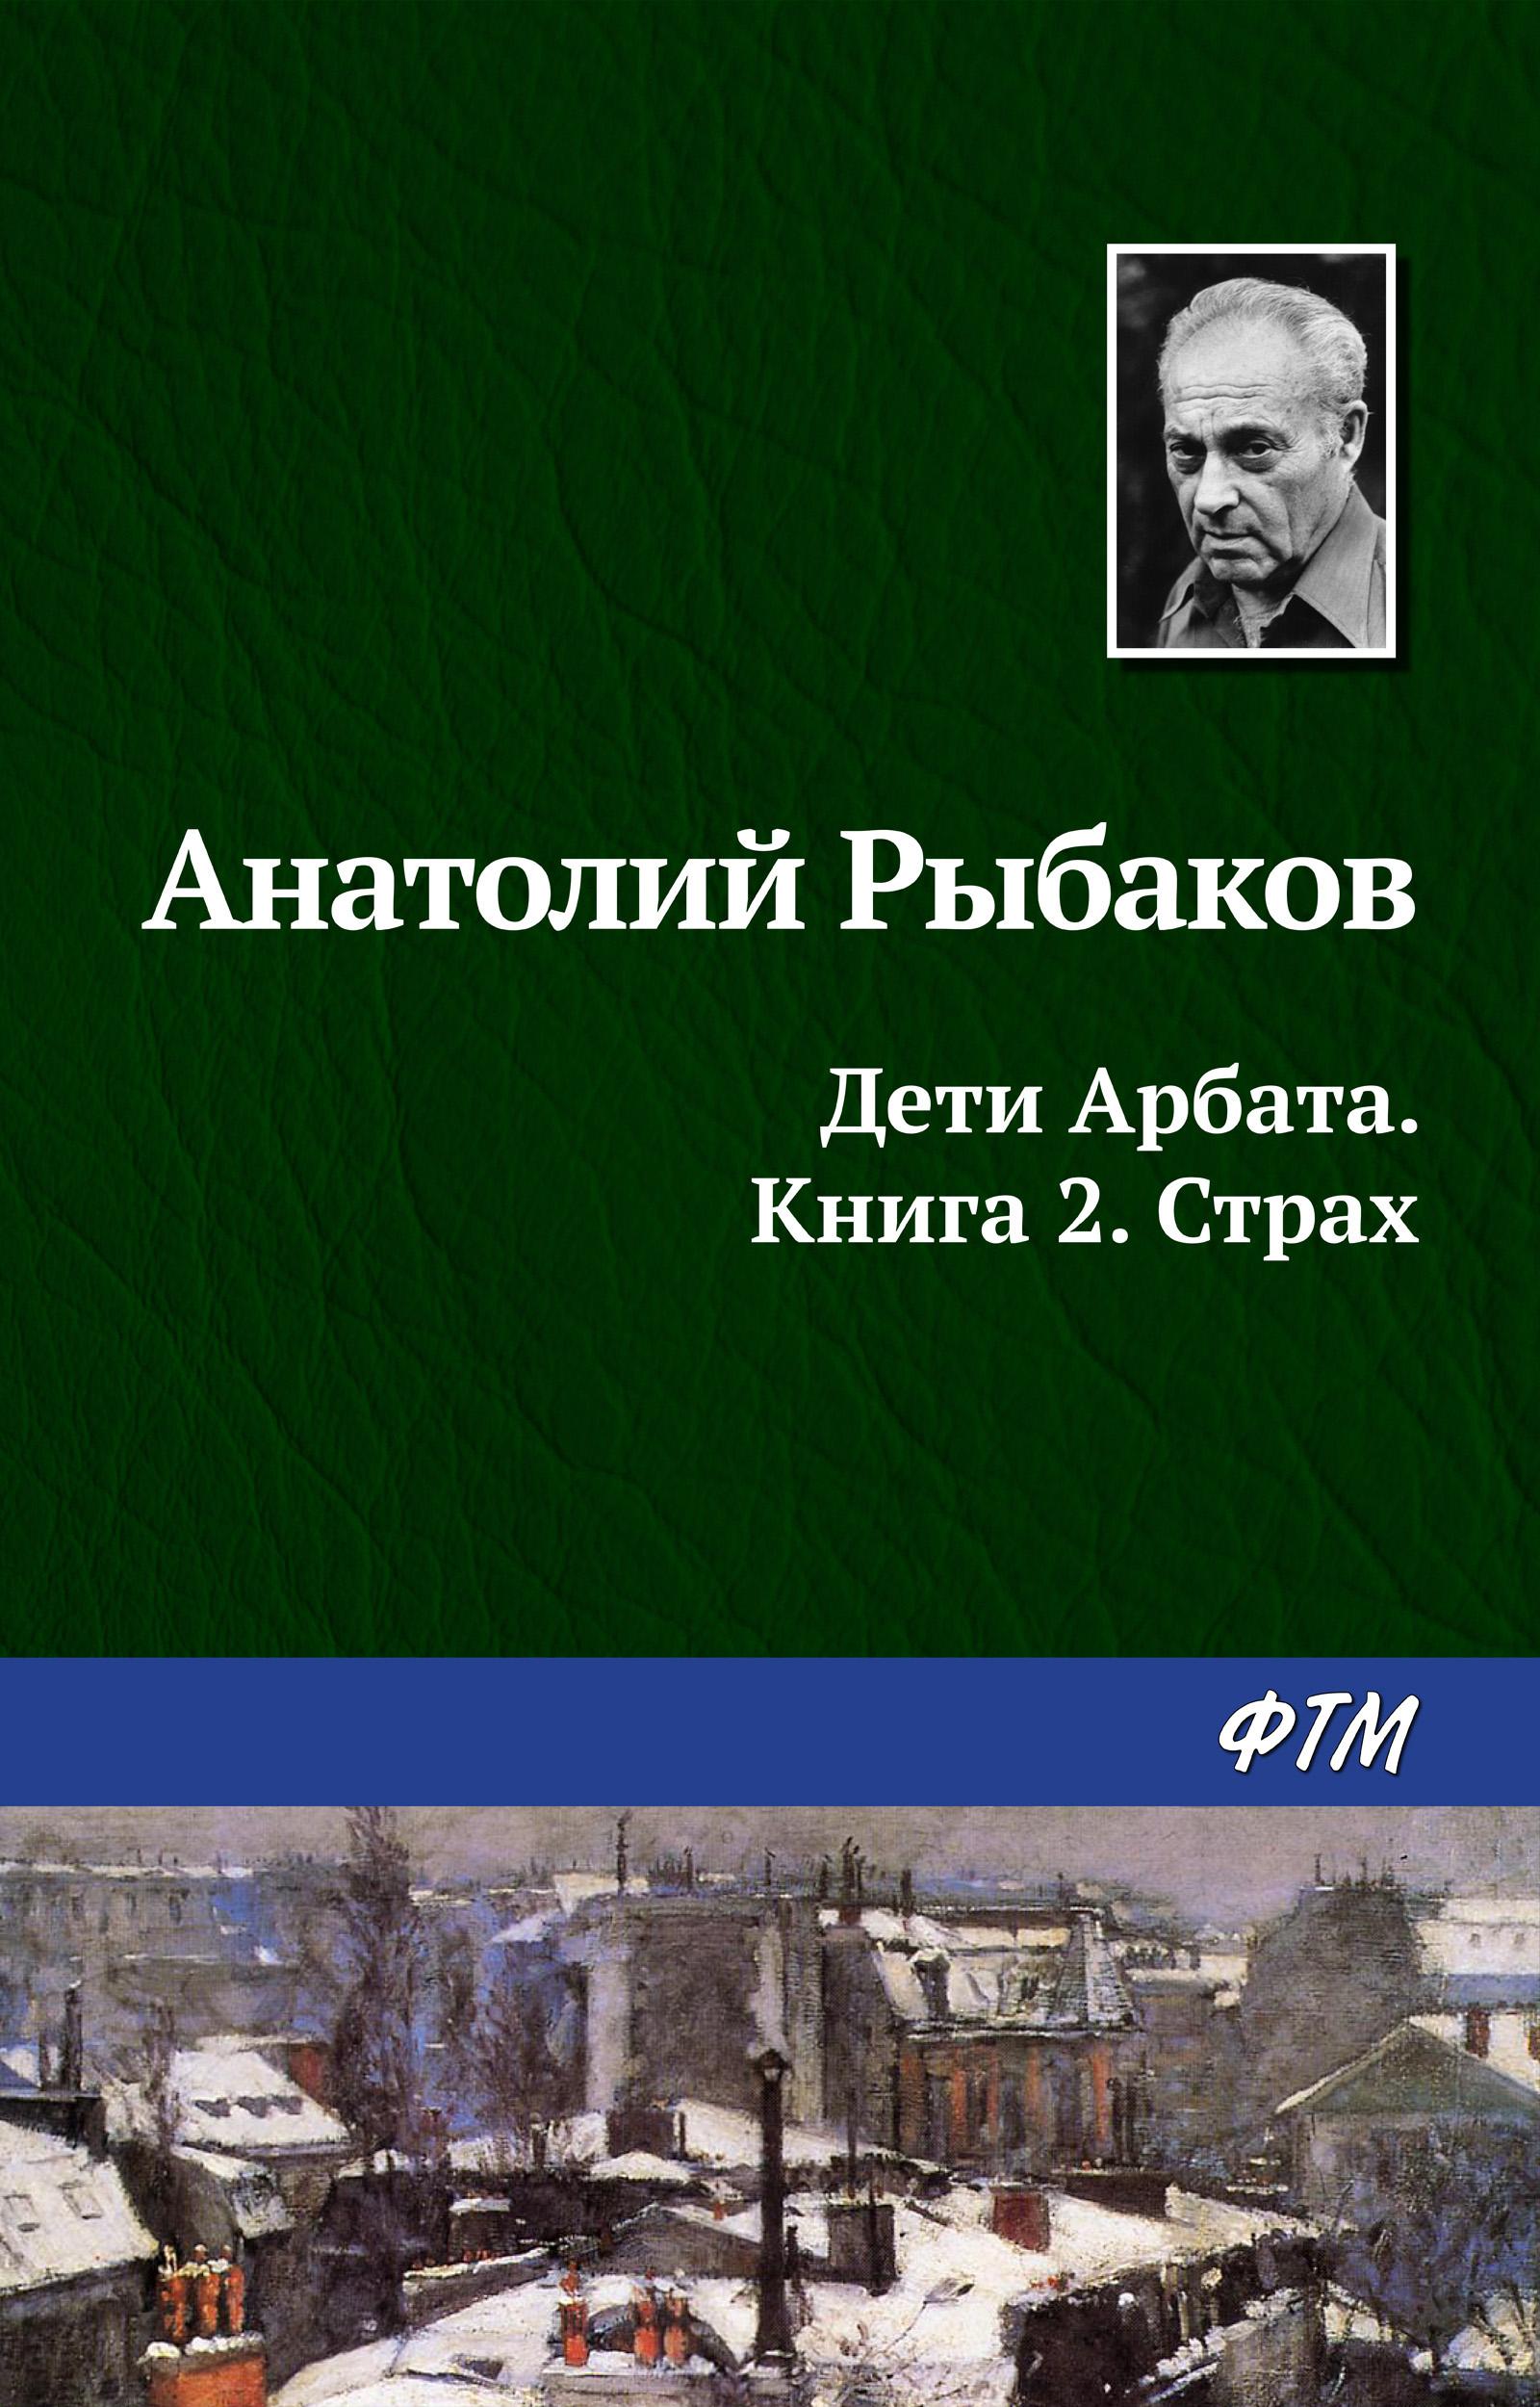 купить Анатолий Рыбаков Страх по цене 89.9 рублей